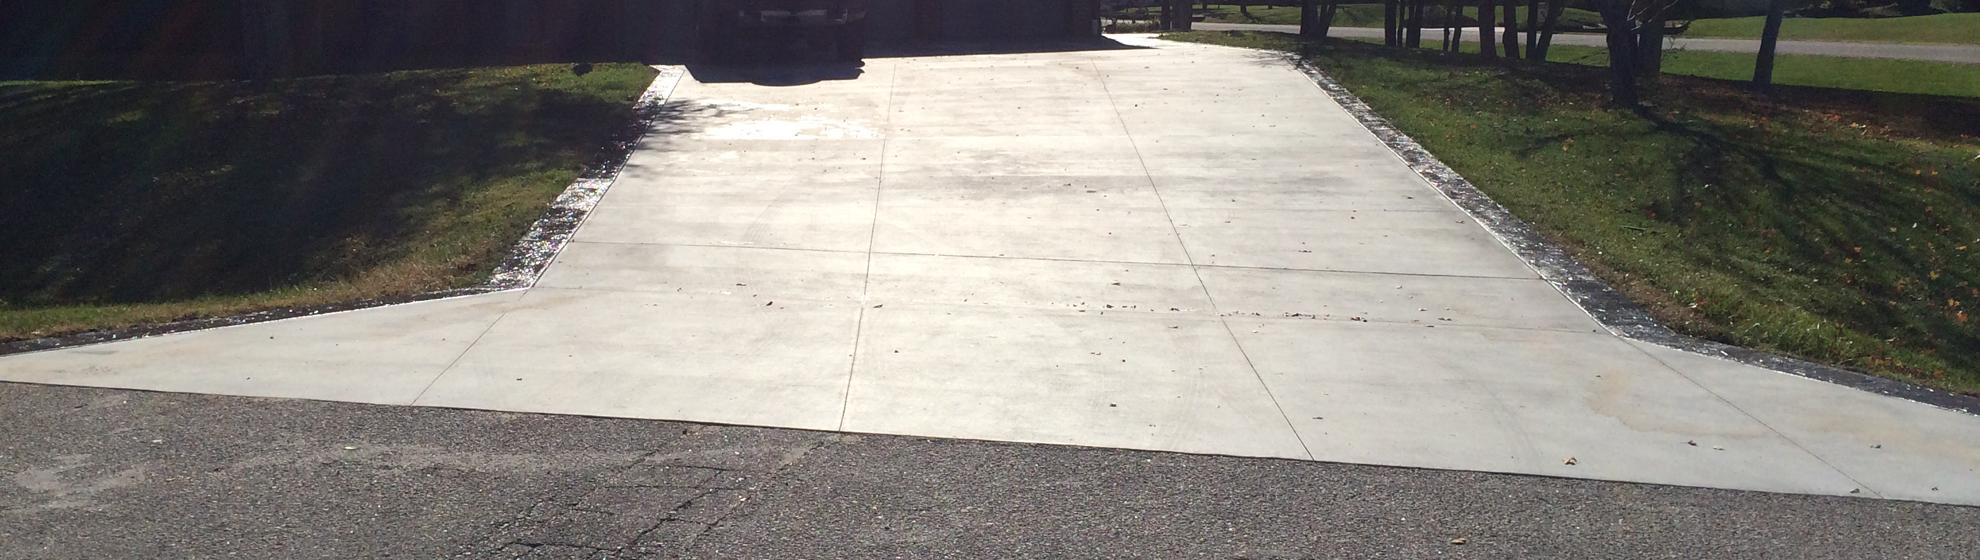 driveways-sidewalks